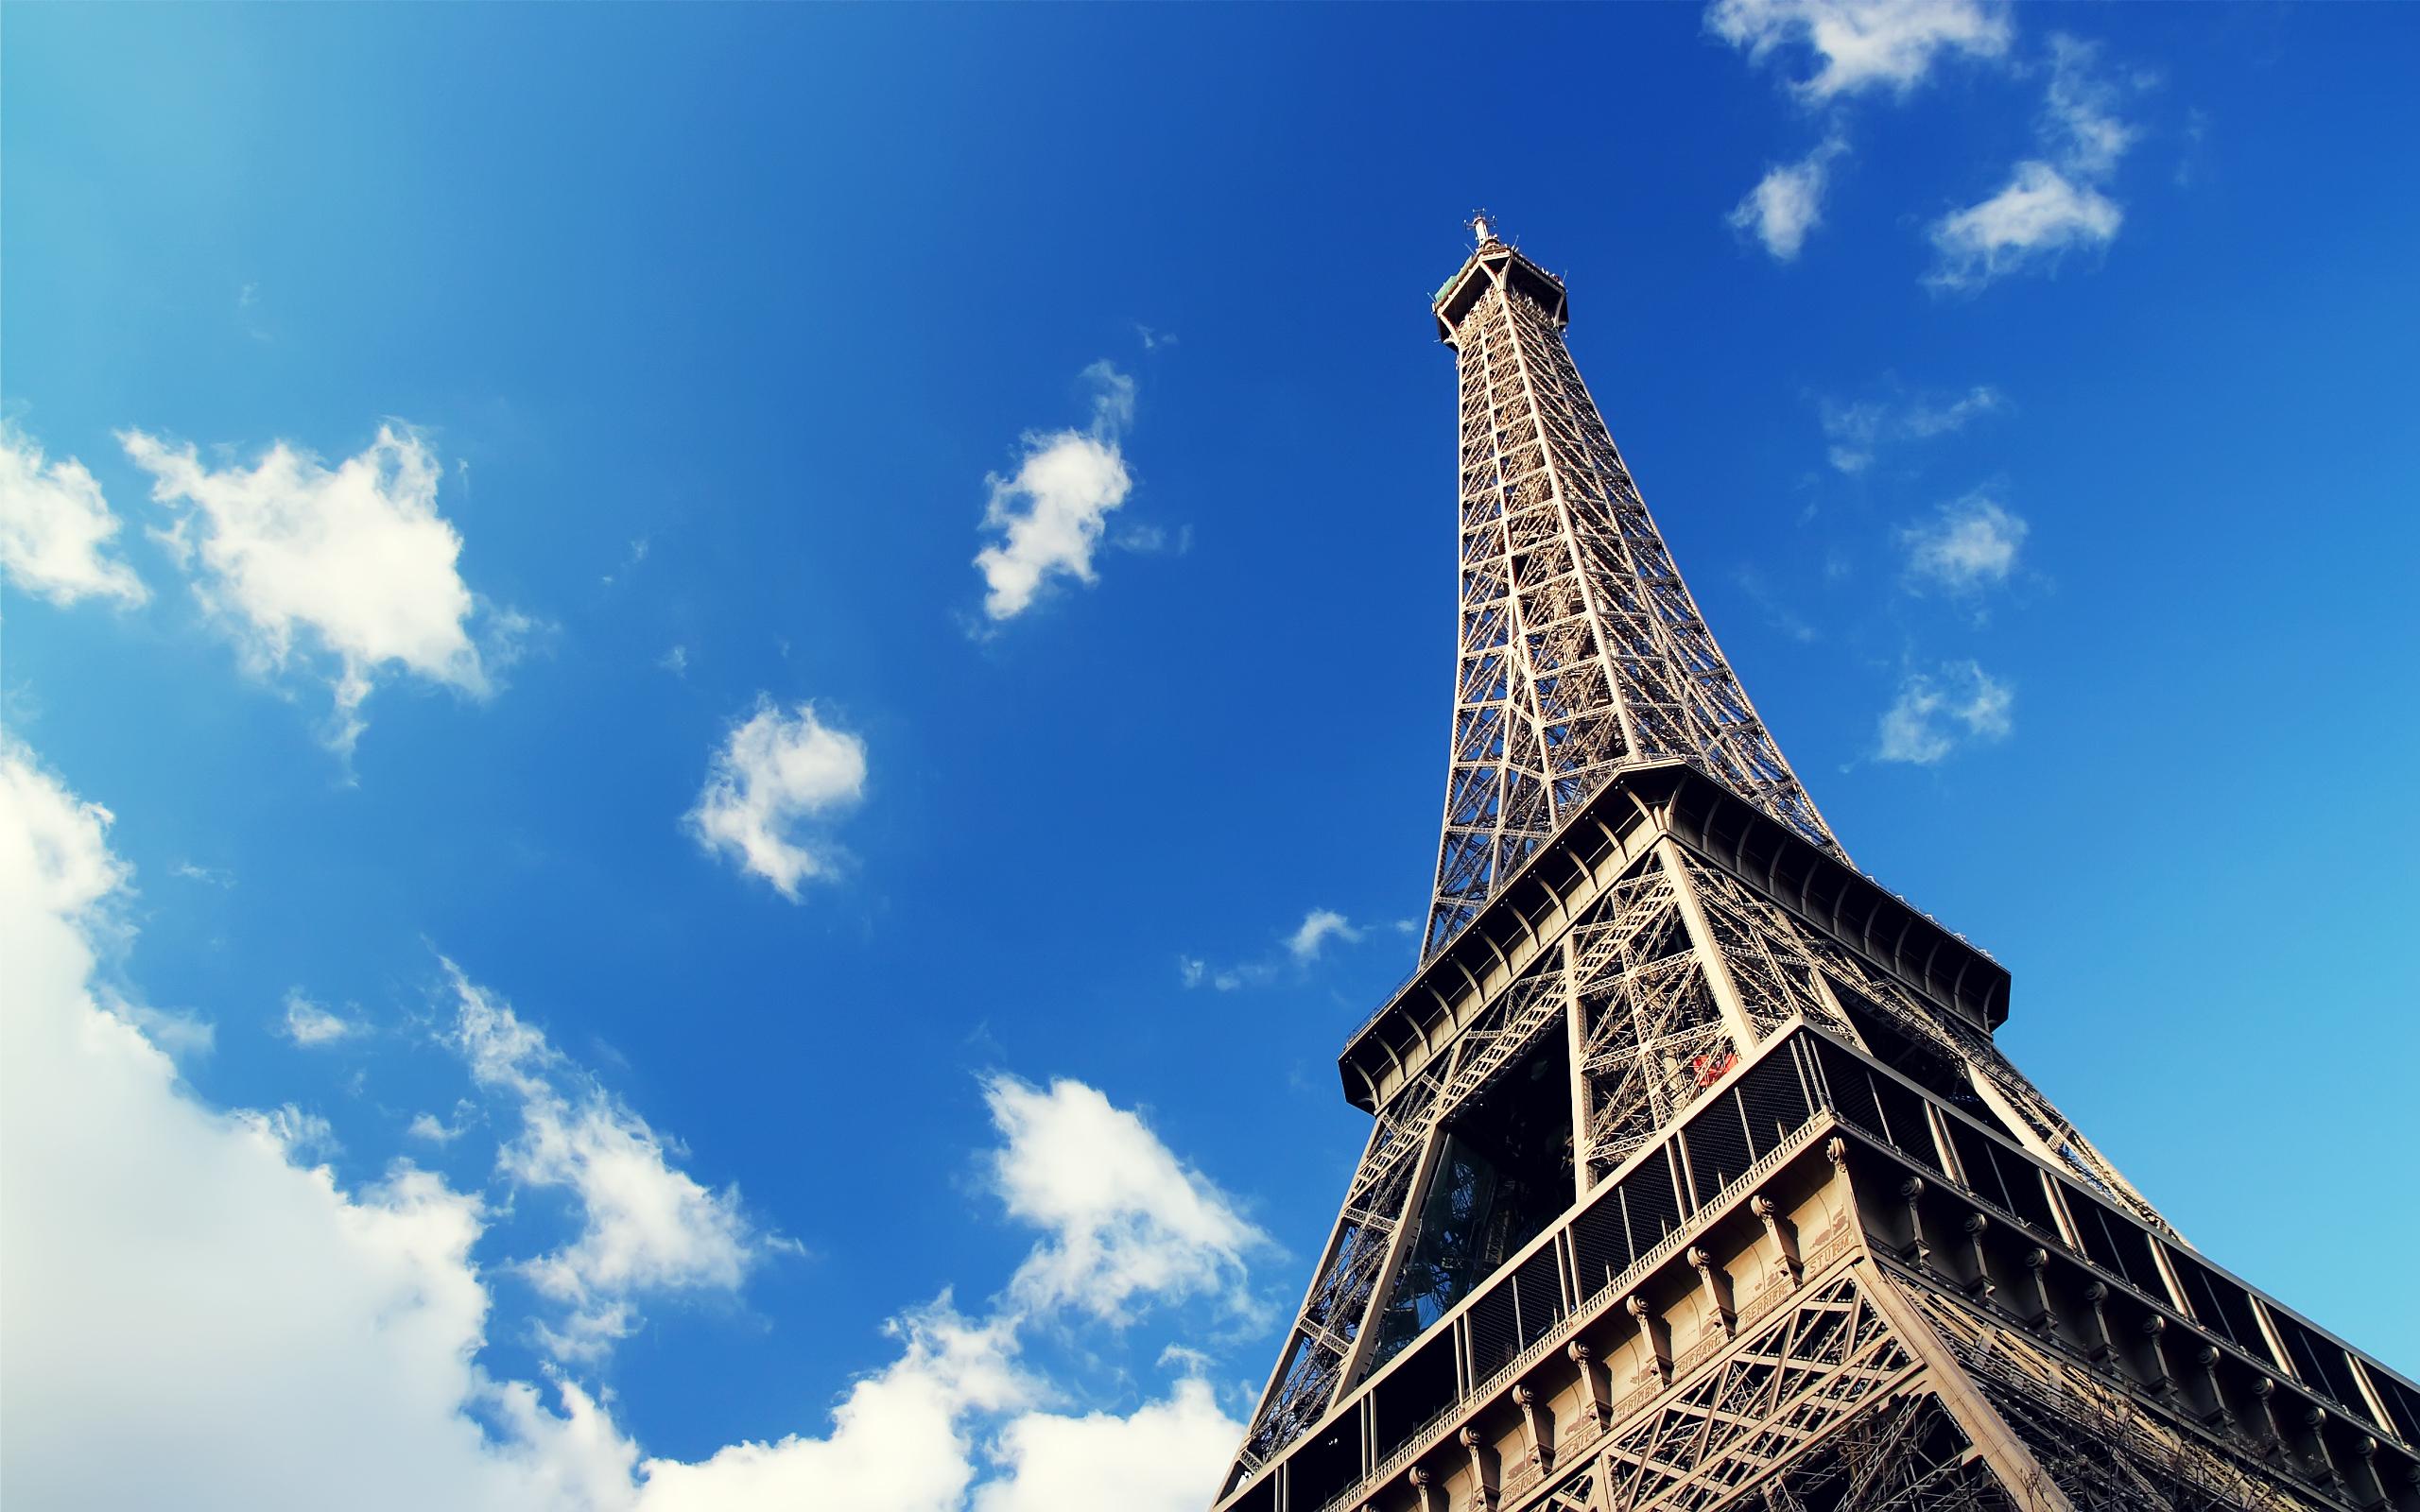 Eiffel Tower France Monument Paris 2560x1600